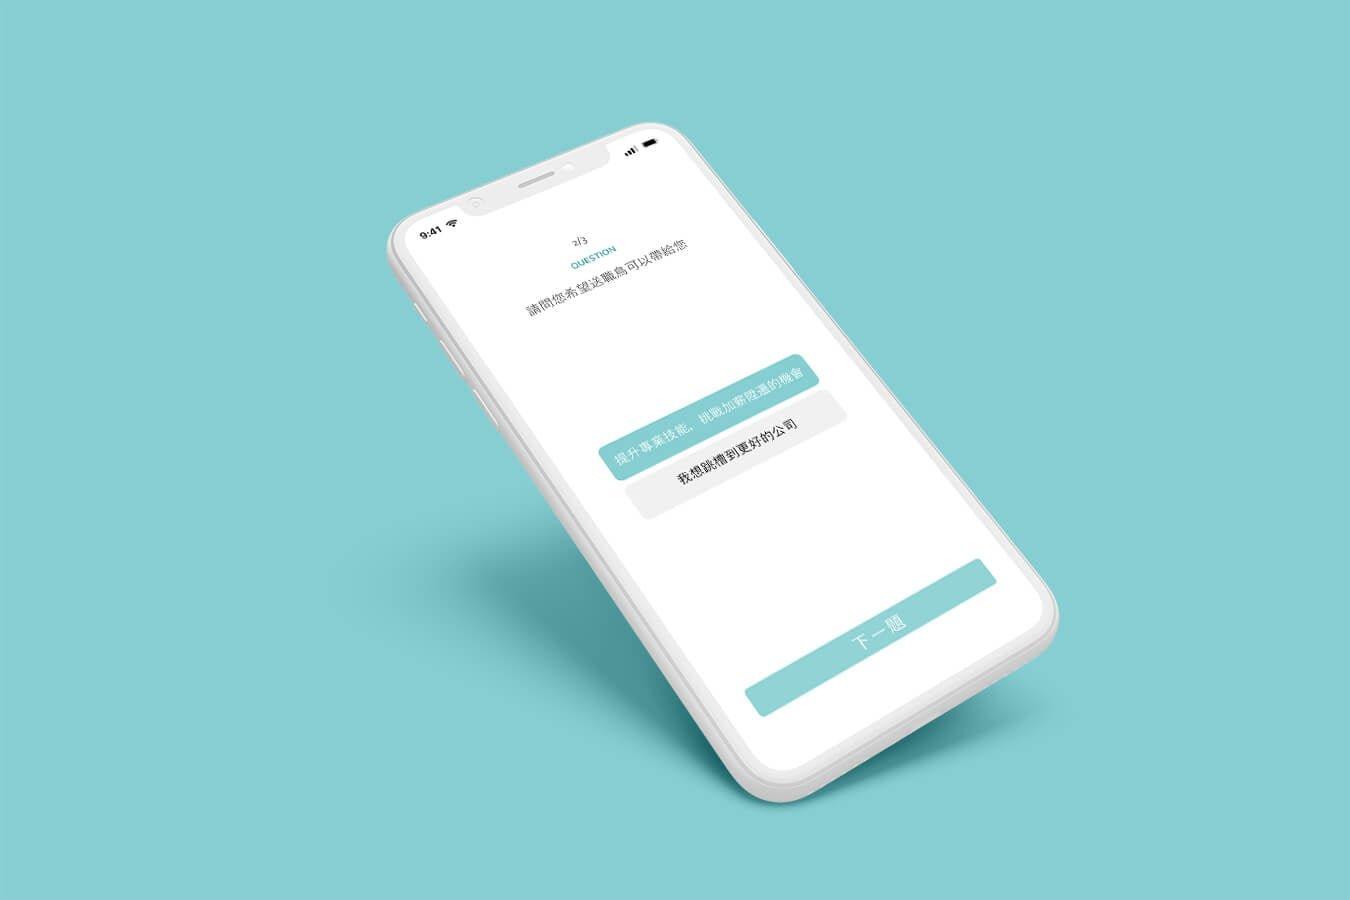 APP設計   UIUX   你在尋找UI/UX設計的專家嗎?傑克大俠提供你優質的APP客製化服務設計!